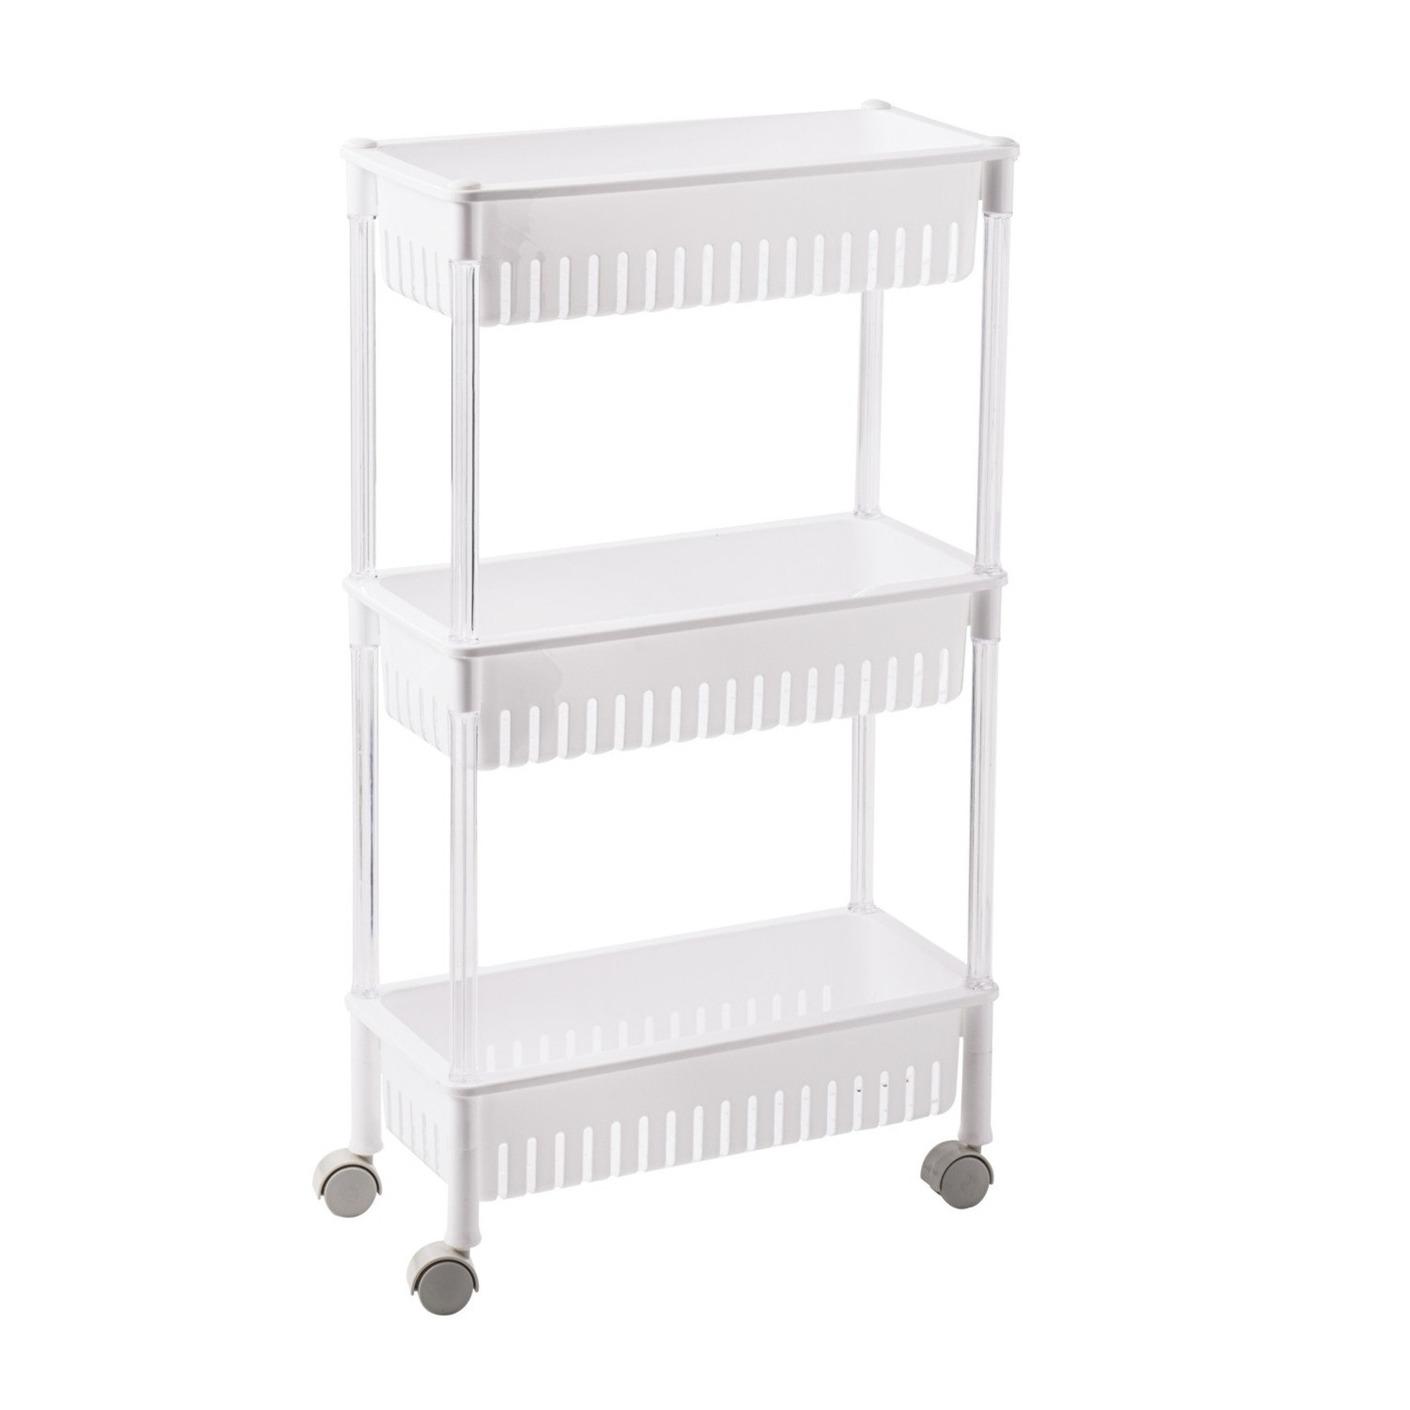 Opberg trolley/roltafel/organizer wit met 3 manden 47 x 16,5 x 80 cm -